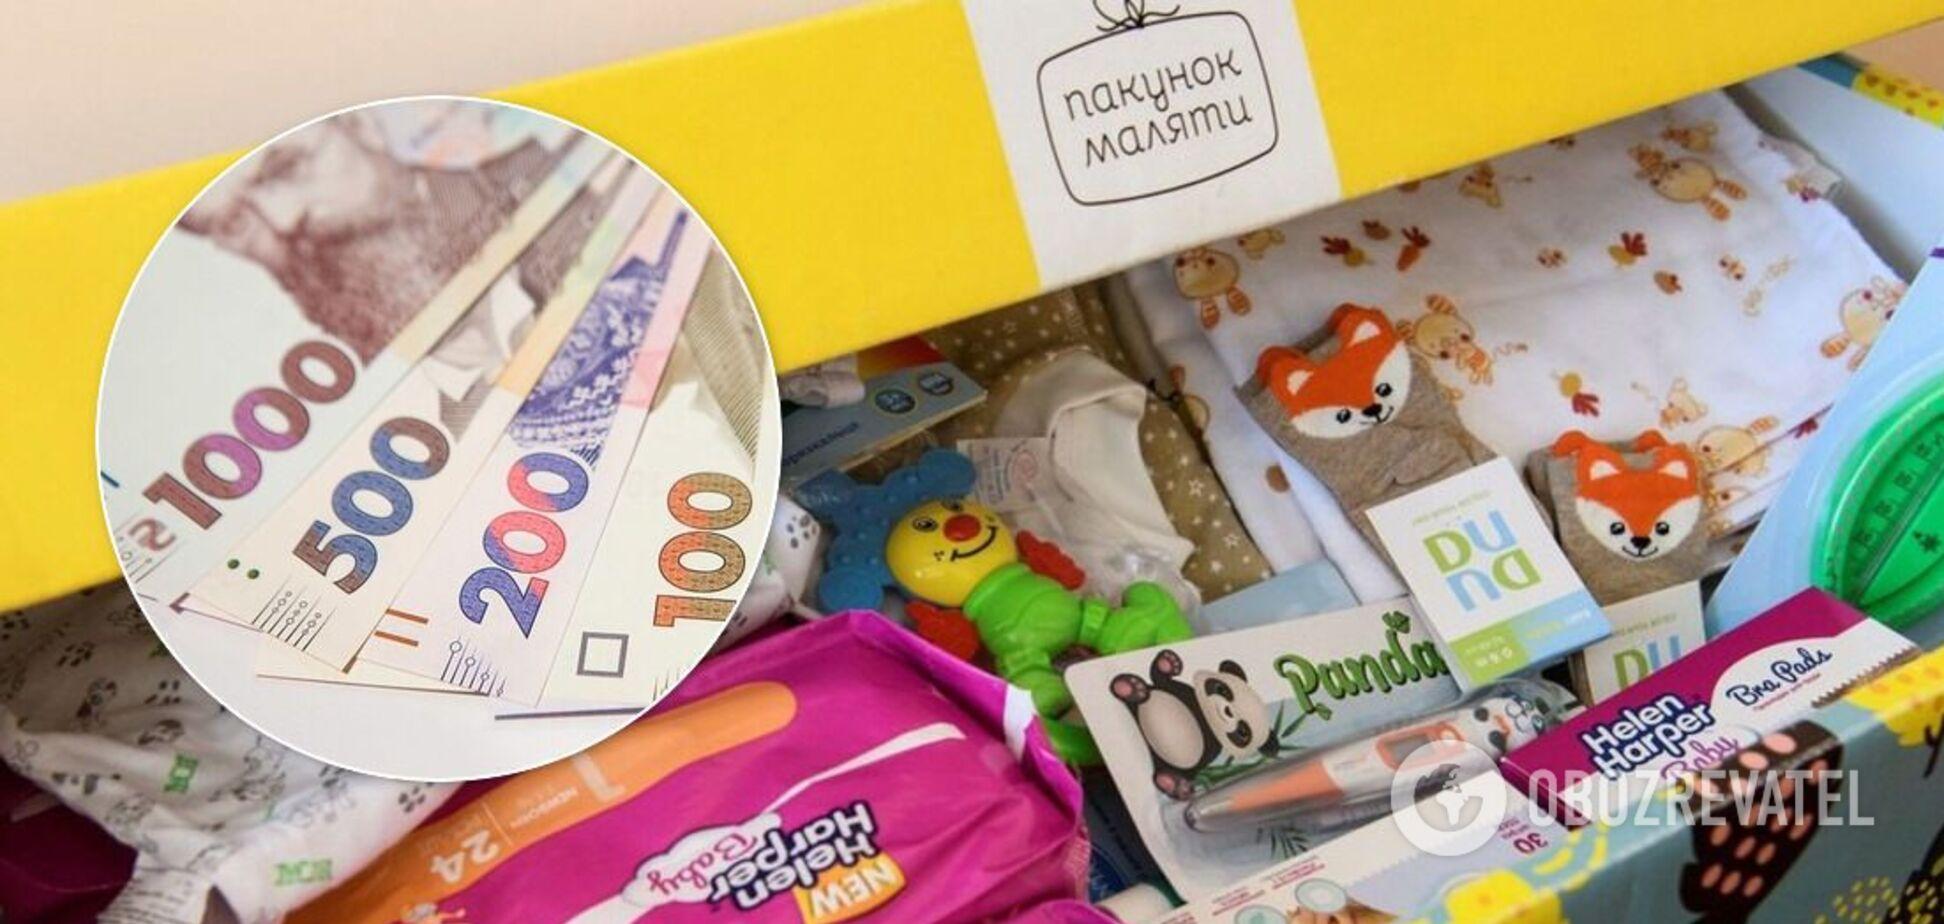 Приватбанк почав видавати картки для отримання 'пакунка малюка' грошима